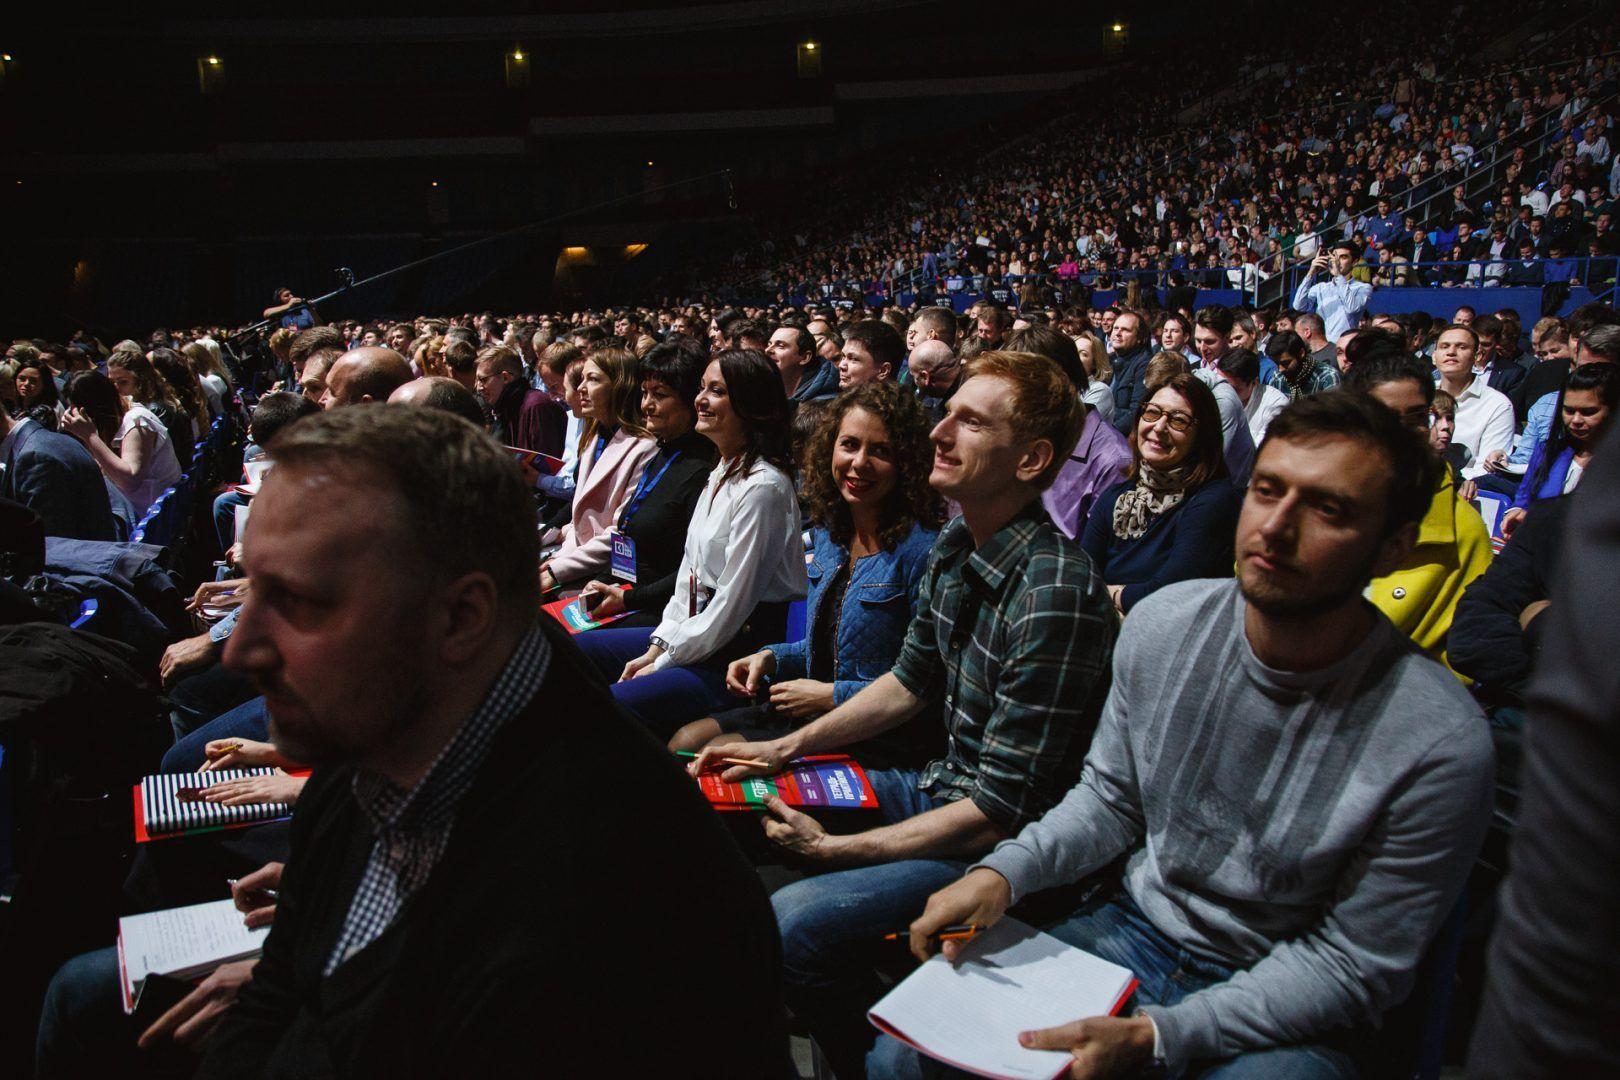 Бизнес программу для предпринимателей организовали в Москве.Фото: архив, «Вечерняя Москва»